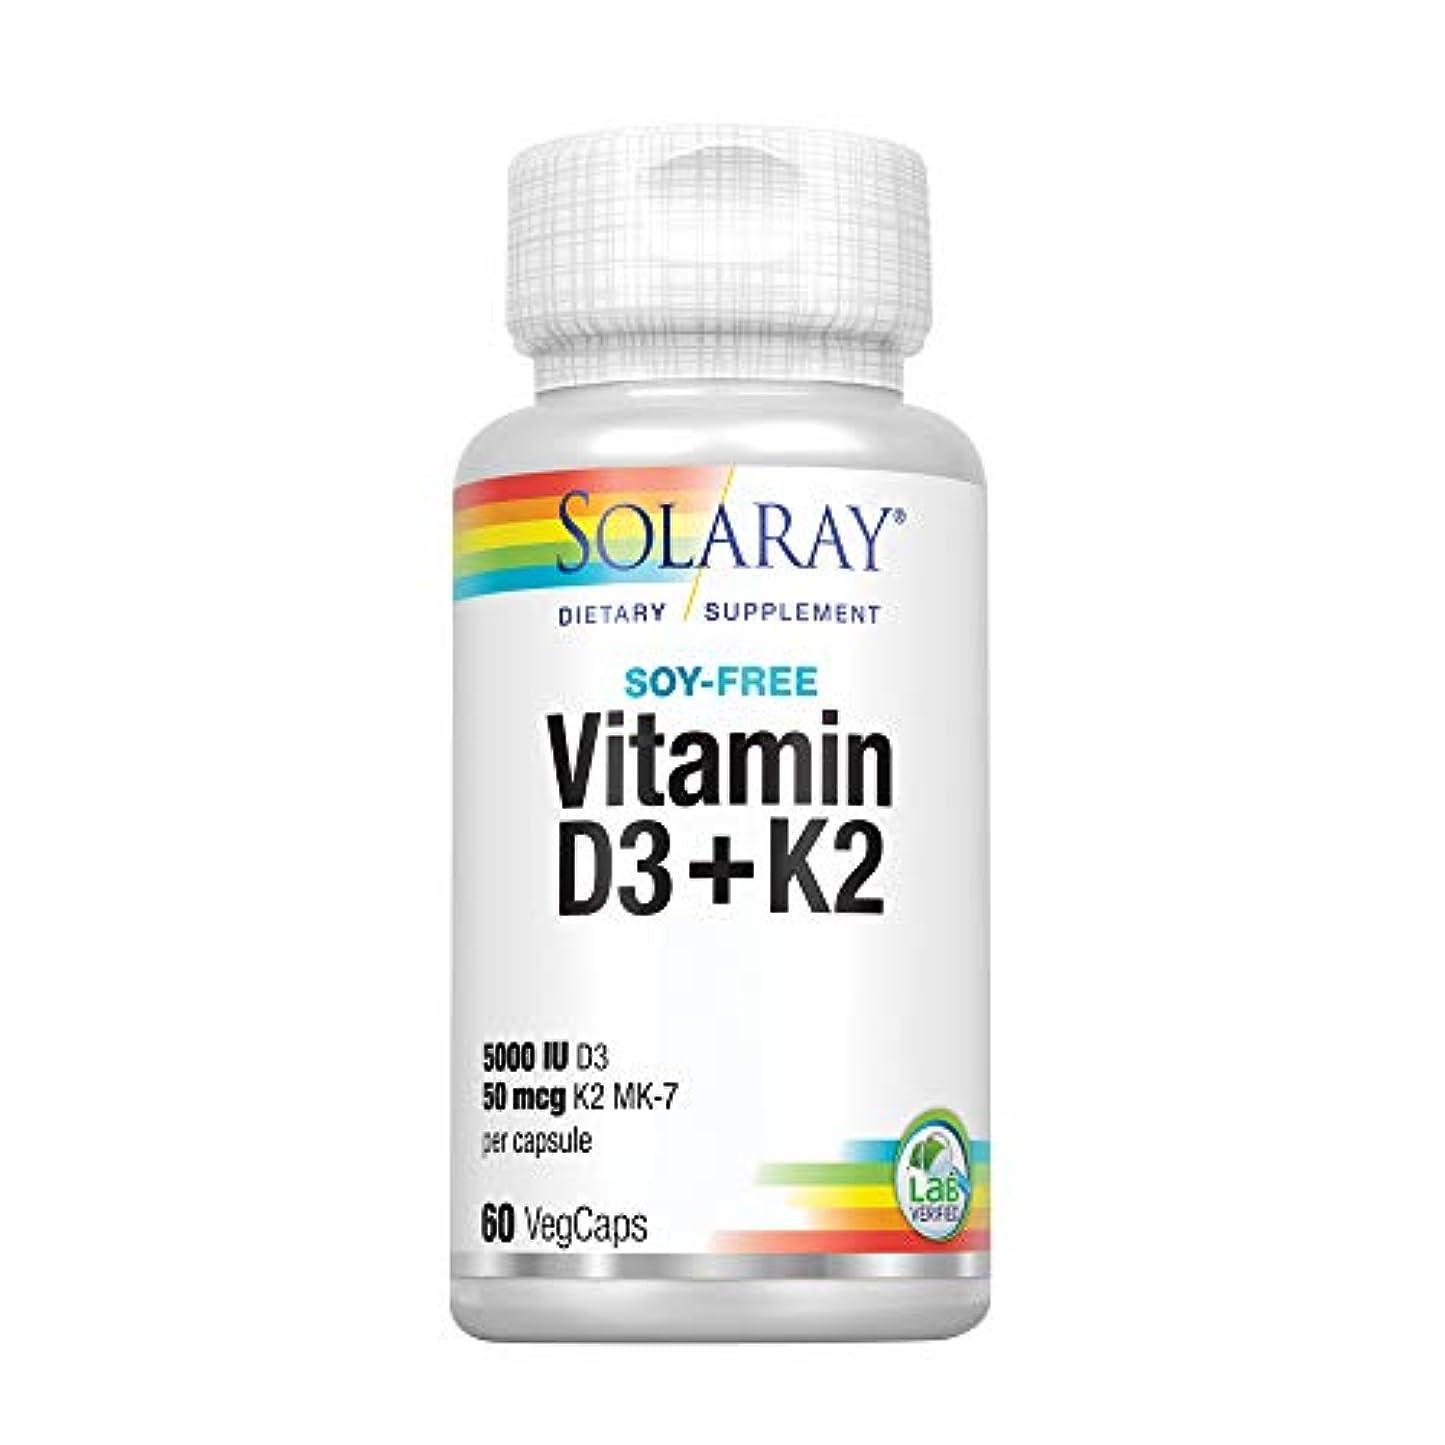 のぞき穴泥ファックスSolaray - ビタミン D3 5000 IU & K2 50 mcg MK7 - 60ベジタリアン用カプセル